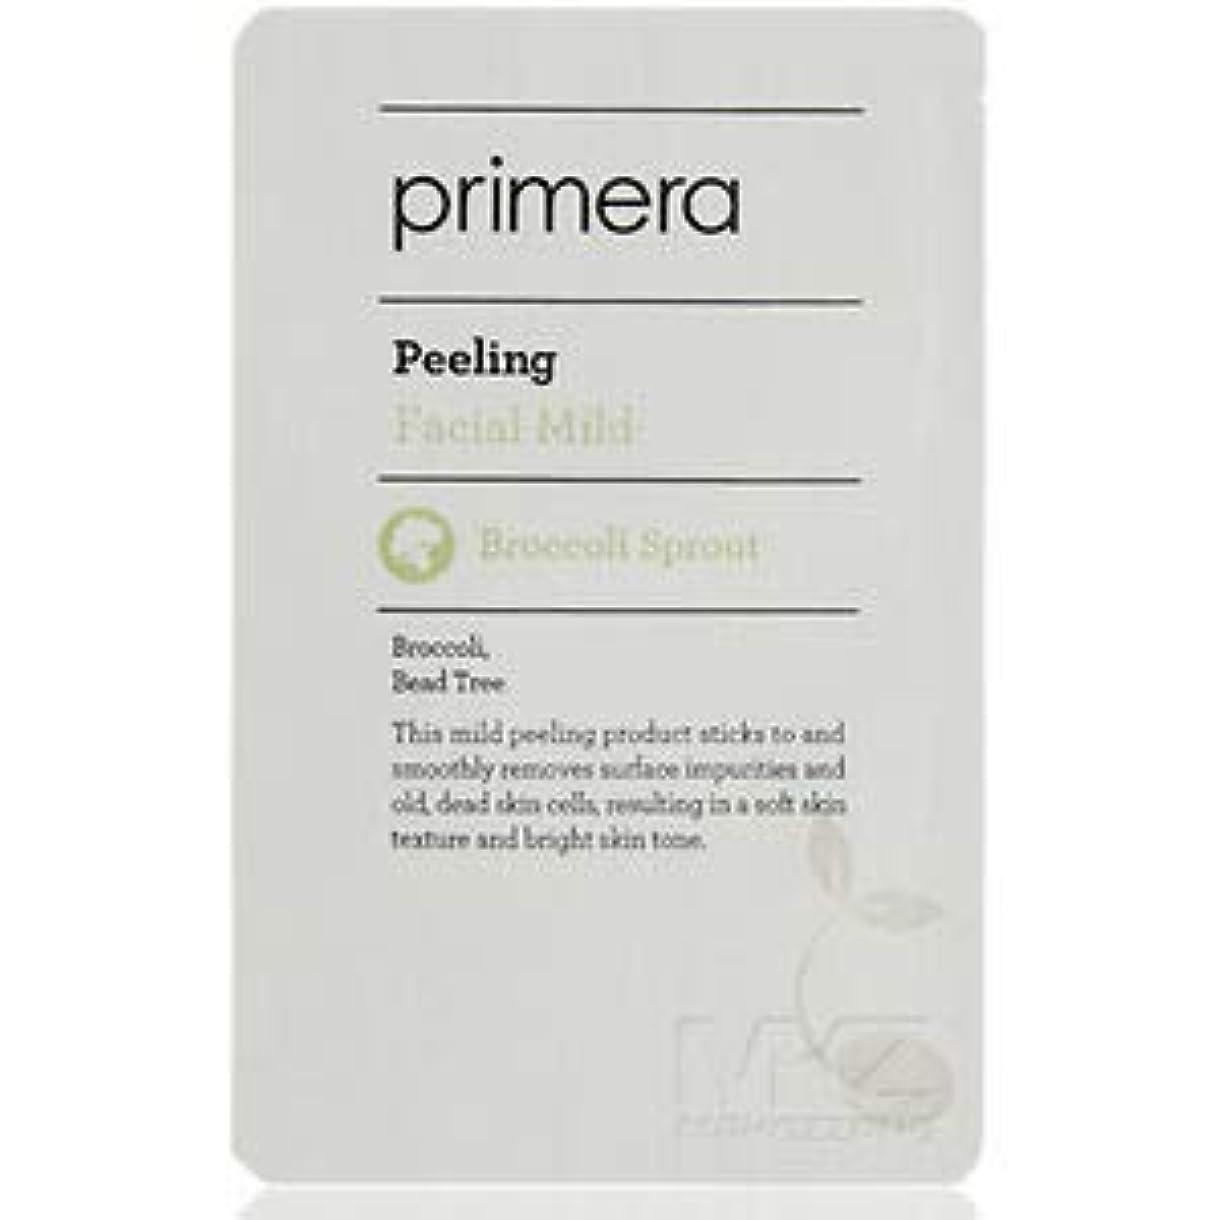 時折不適当なくなるPrimera facial mild peeling sample20EA [並行輸入品]